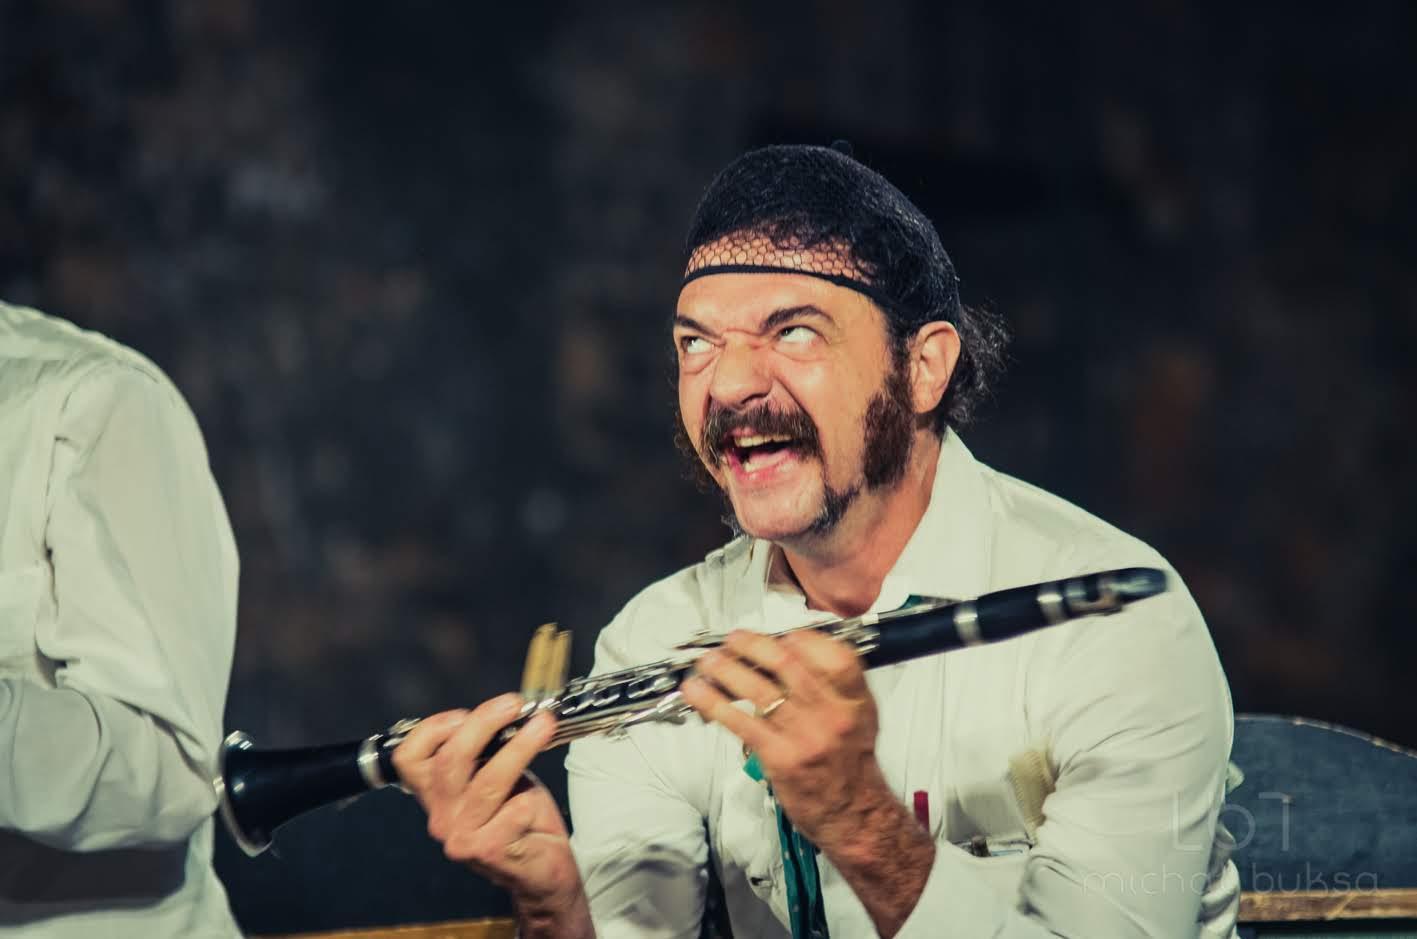 fot. Michał Buksa